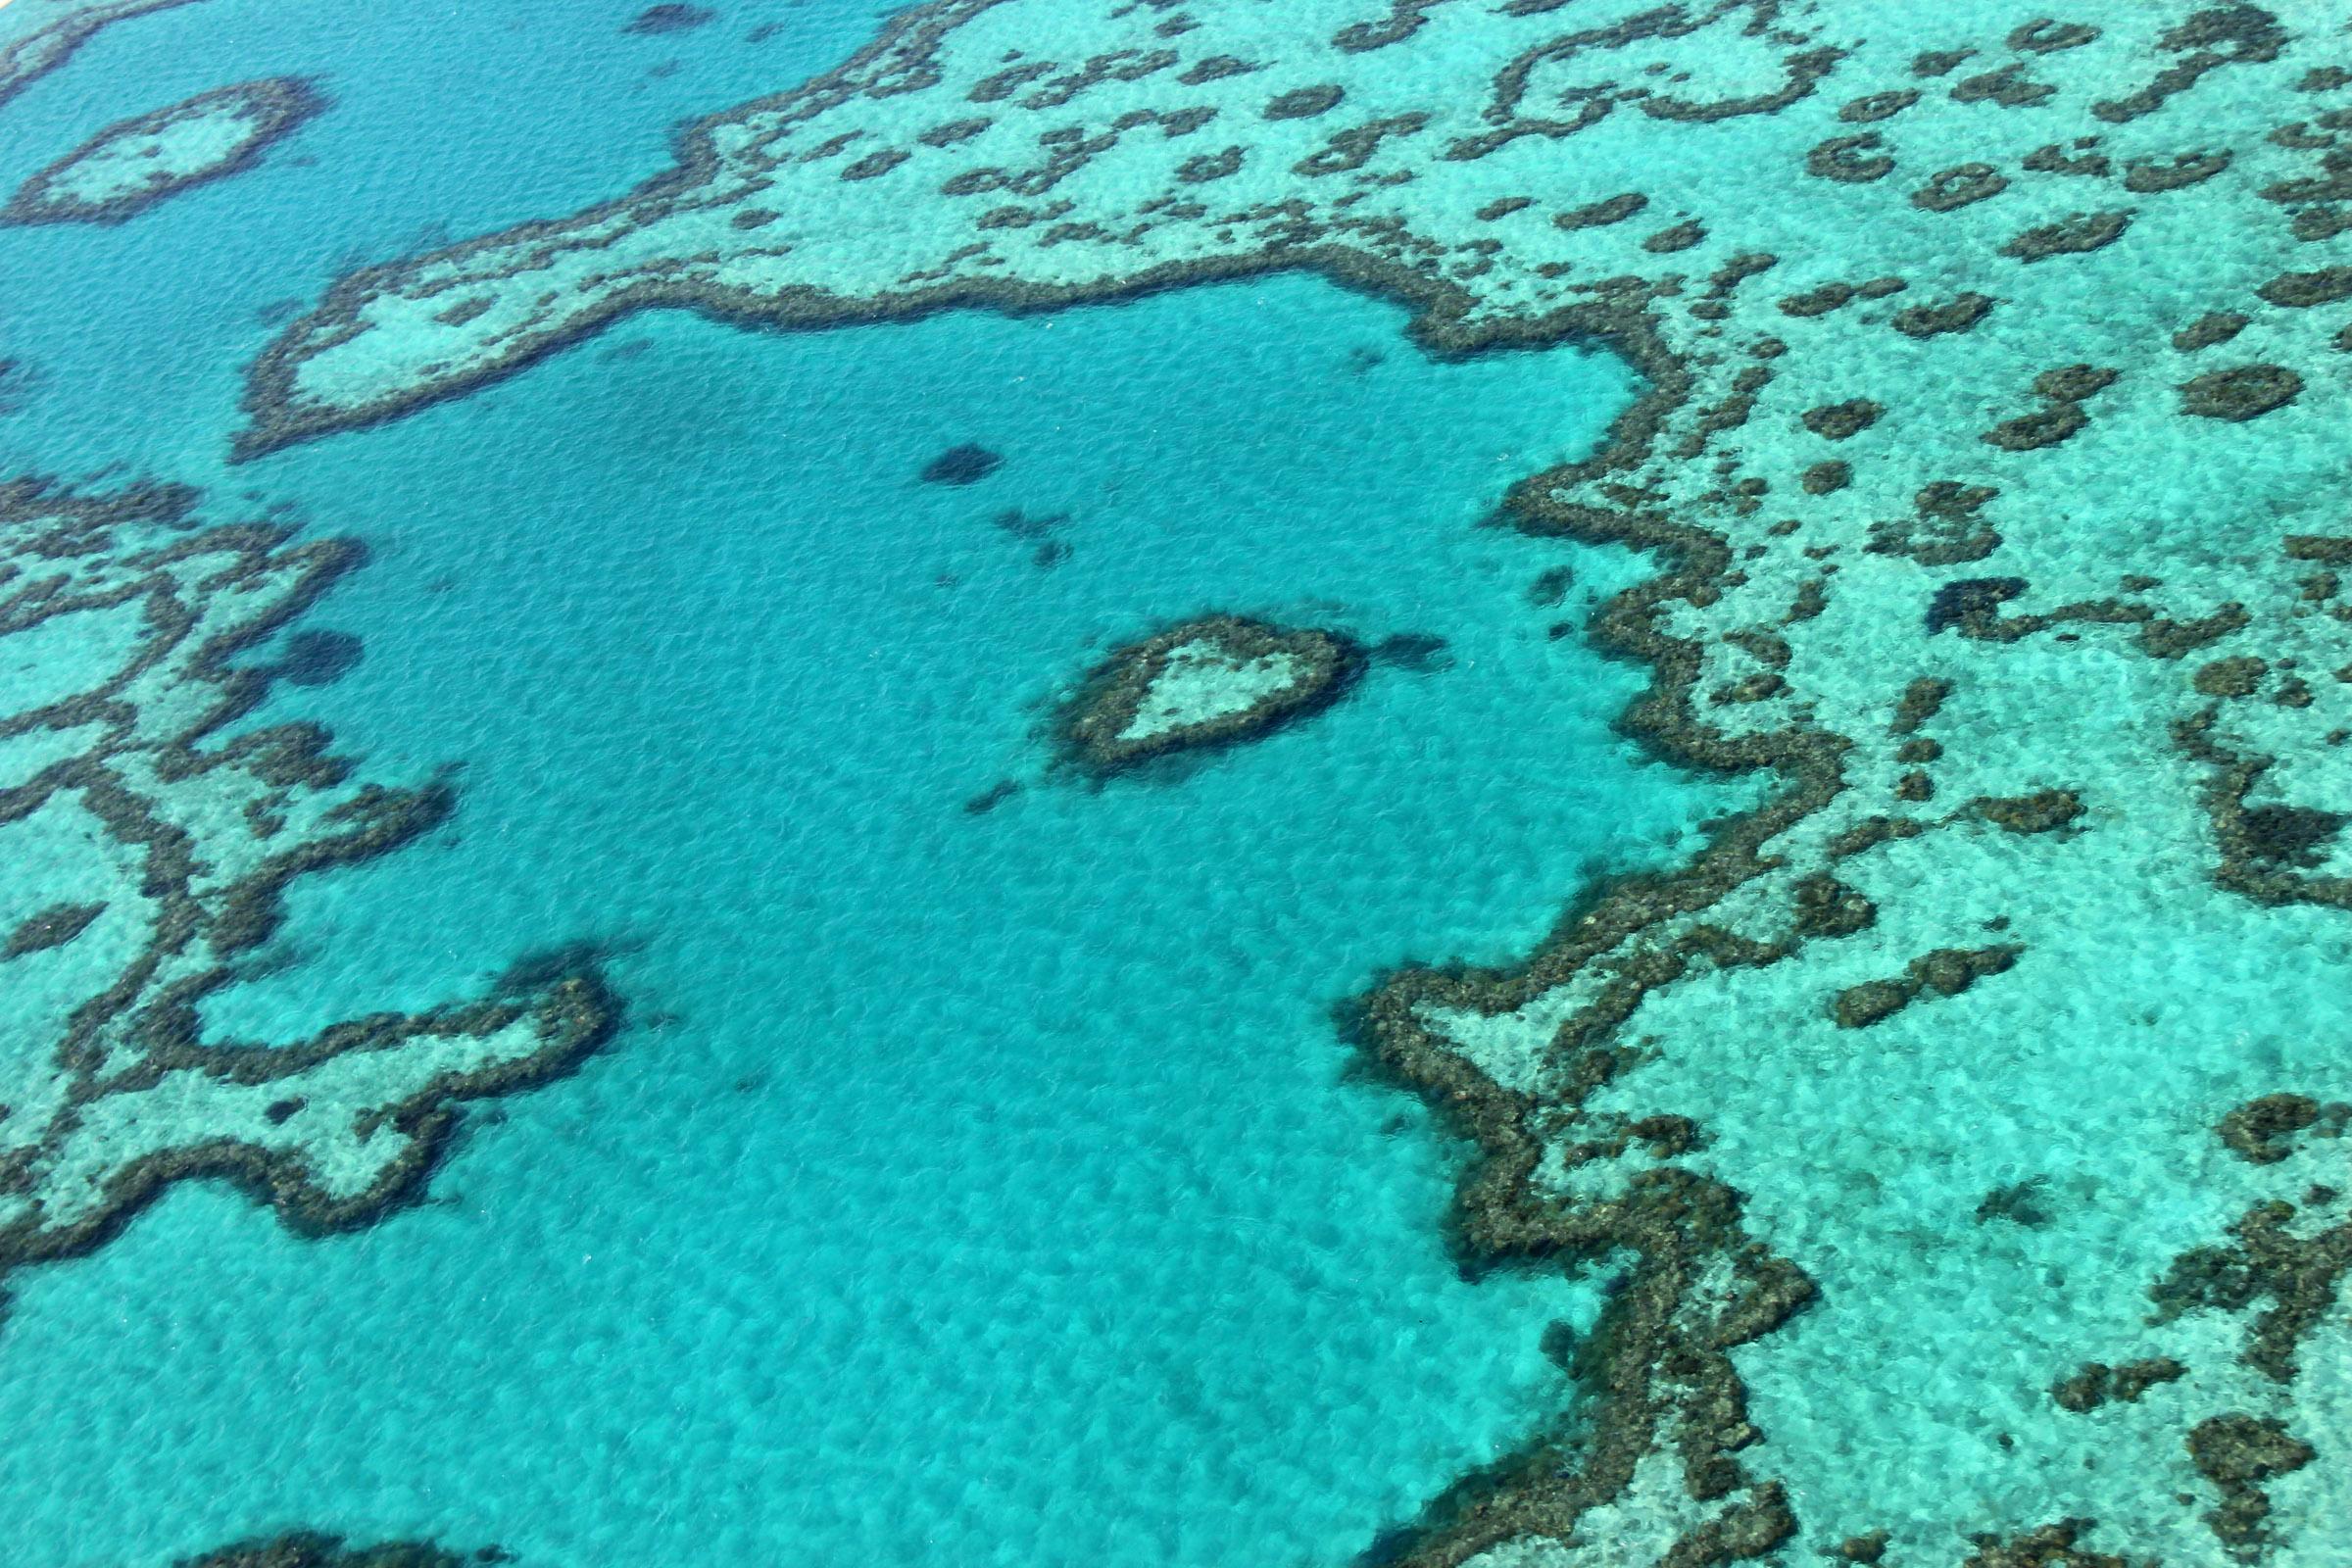 Legmagasabb riasztási szint a korallfehéredés miatt az ausztrál Nagy-korallzátonynál